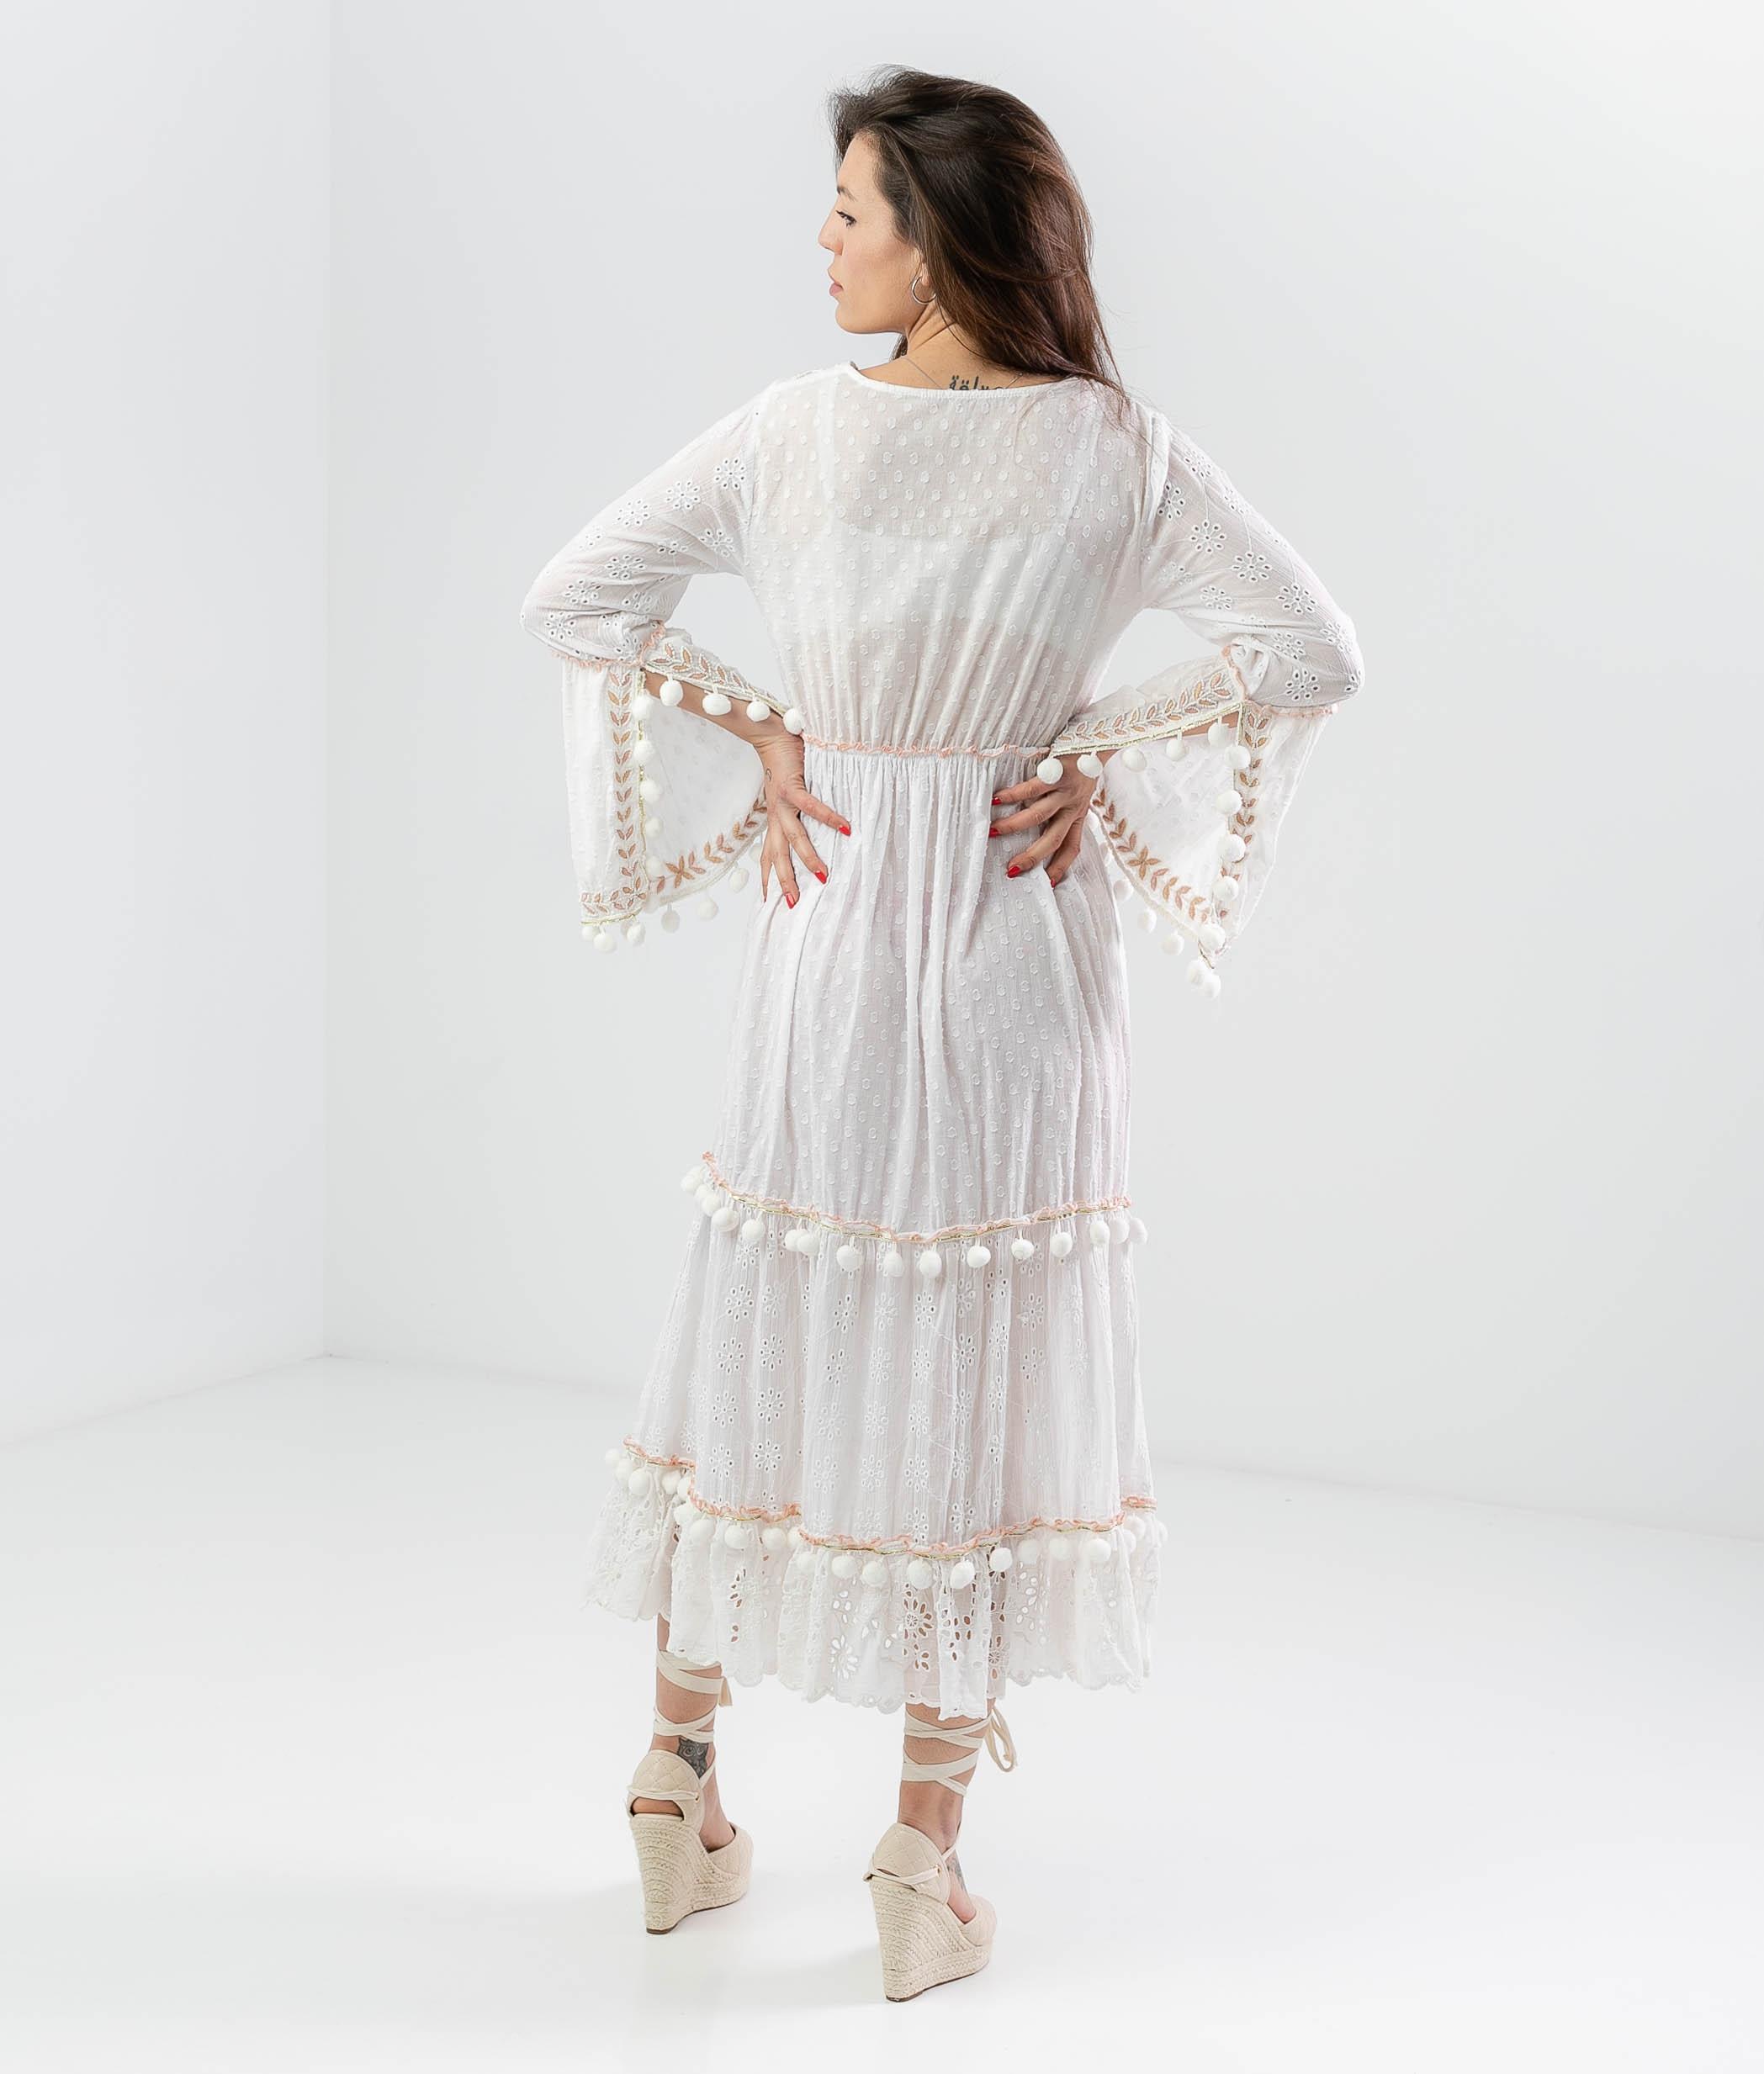 BLUJU DRESS - WHITE